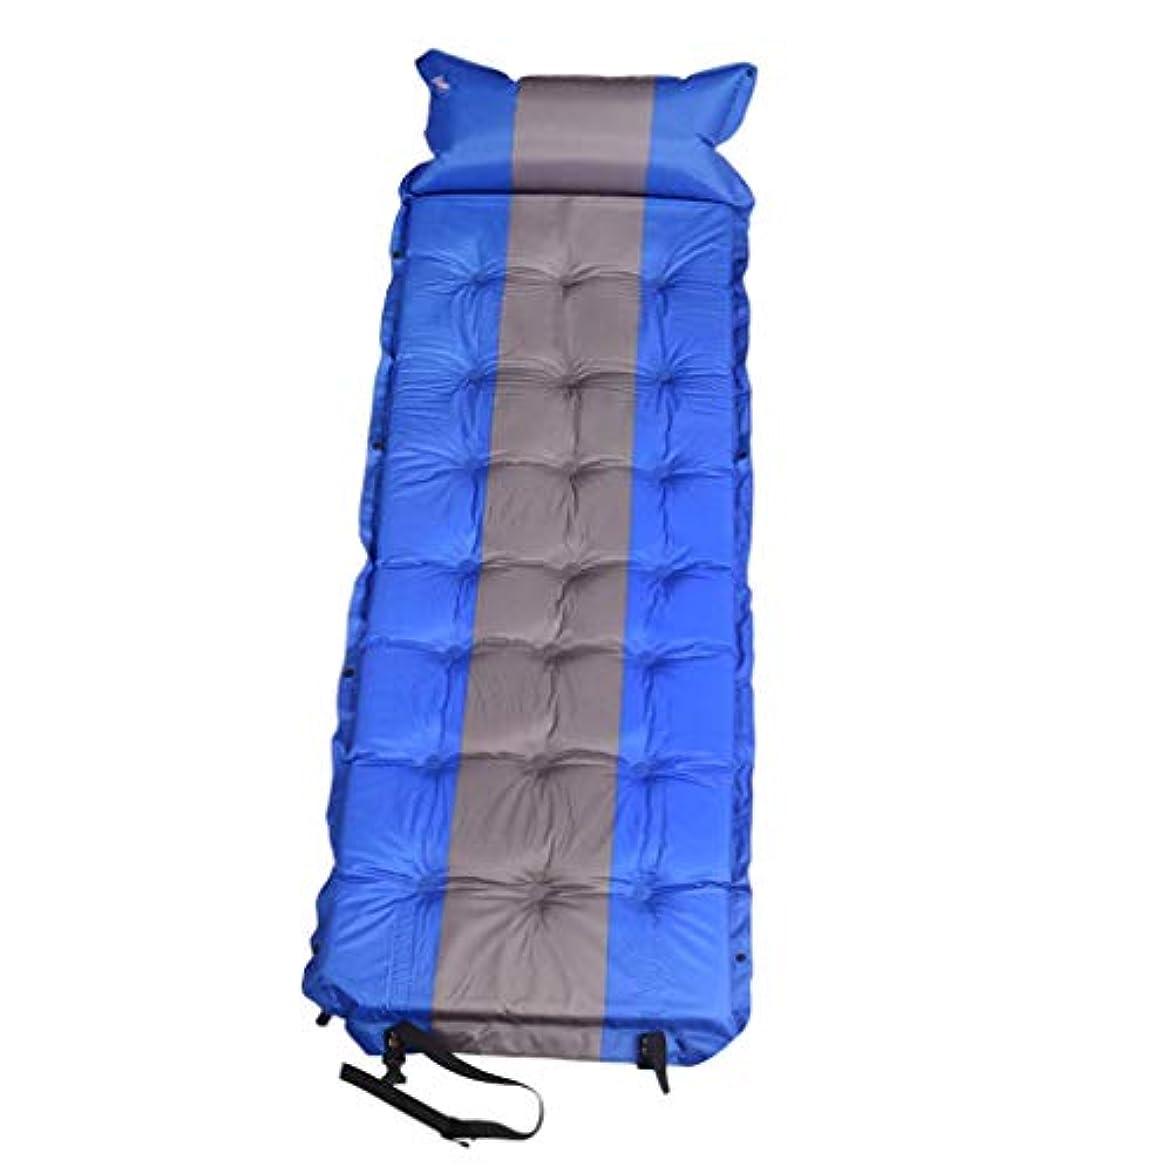 漫画説得喜劇Prettyia アウトドア膨らませるキャンプ用防湿マット 折りたたみ式マットレス寝パッド 枕付き